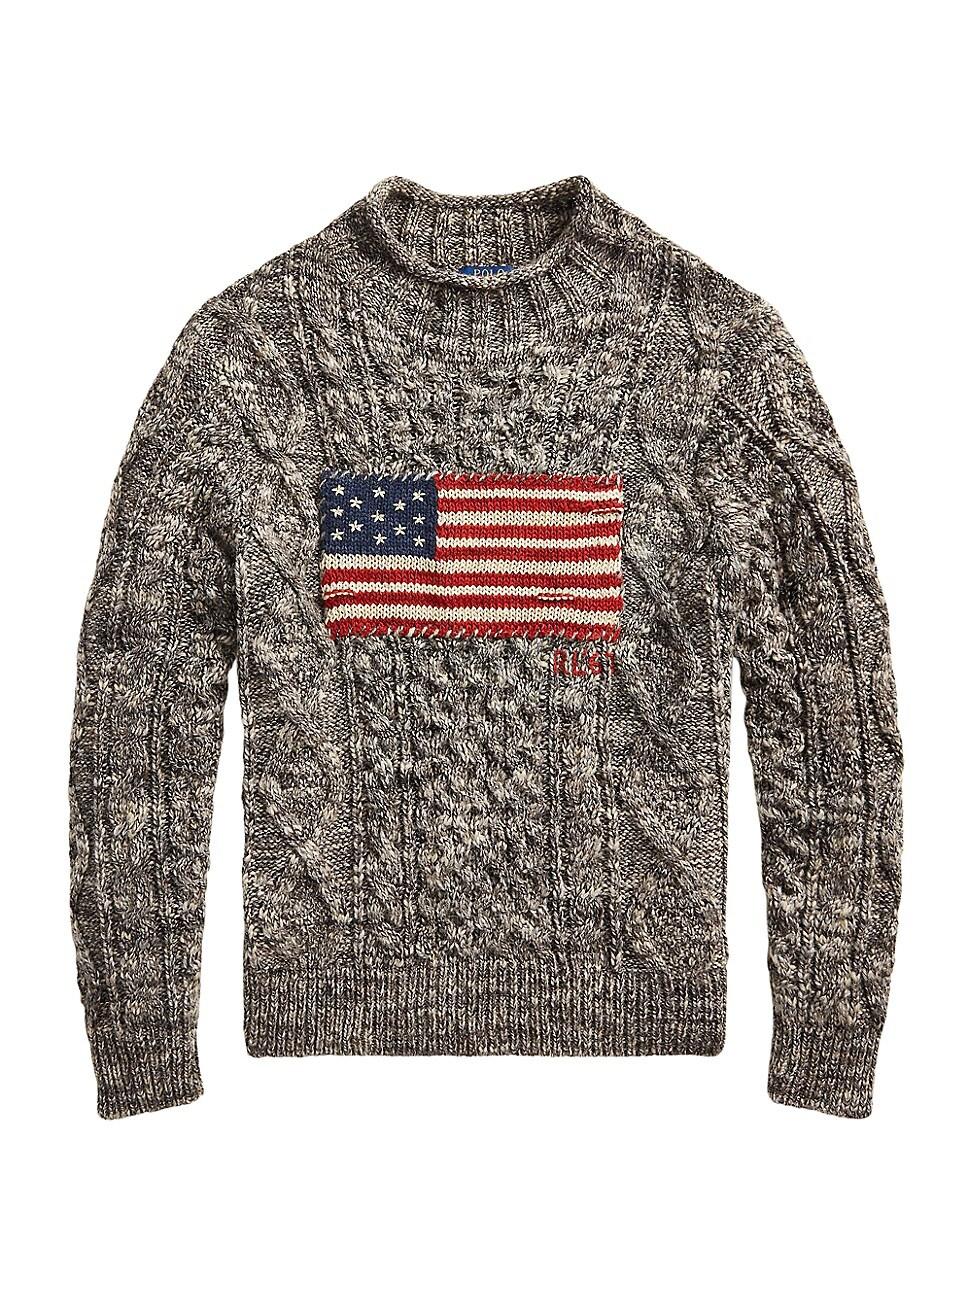 RALPH LAUREN MEN'S AMERICAN FLAG WOOL-BLEND SWEATER